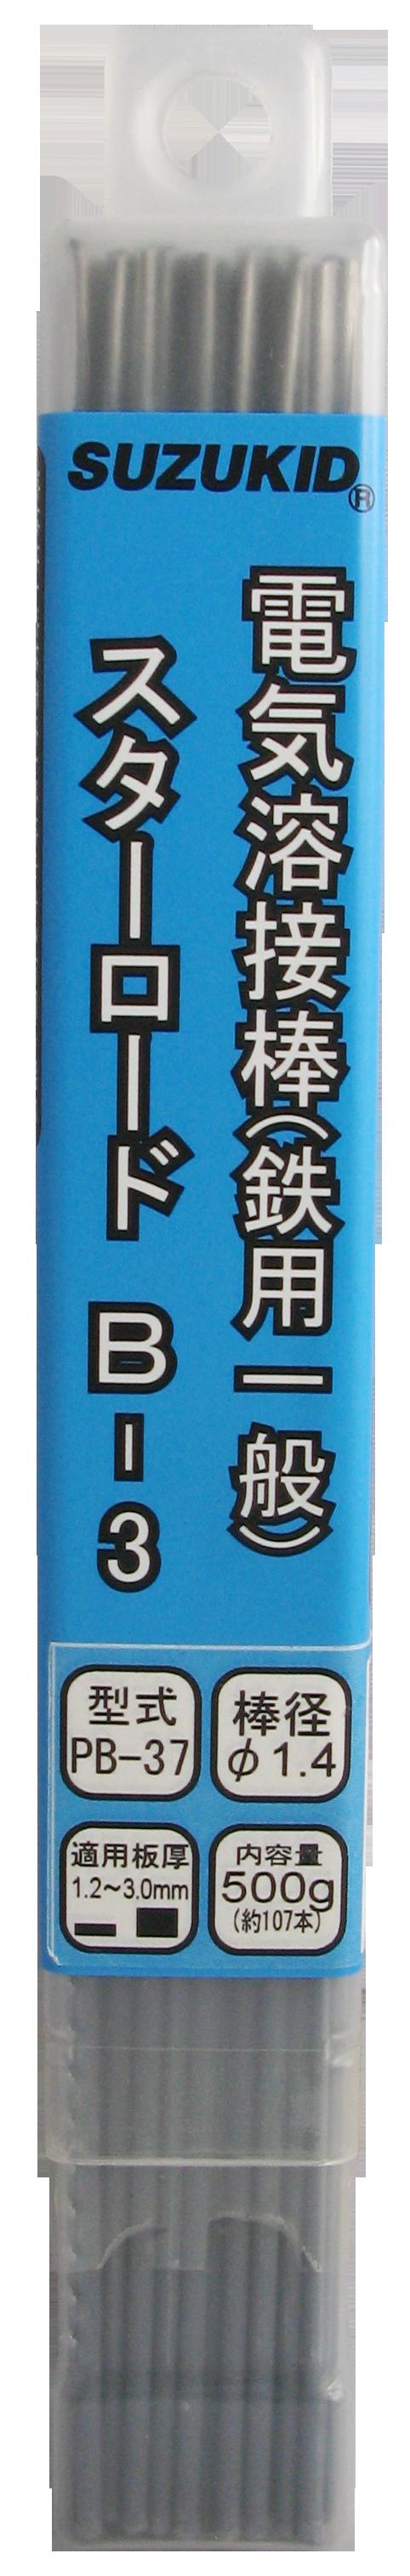 基本的軟鋼用被覆アーク溶接棒 B-3